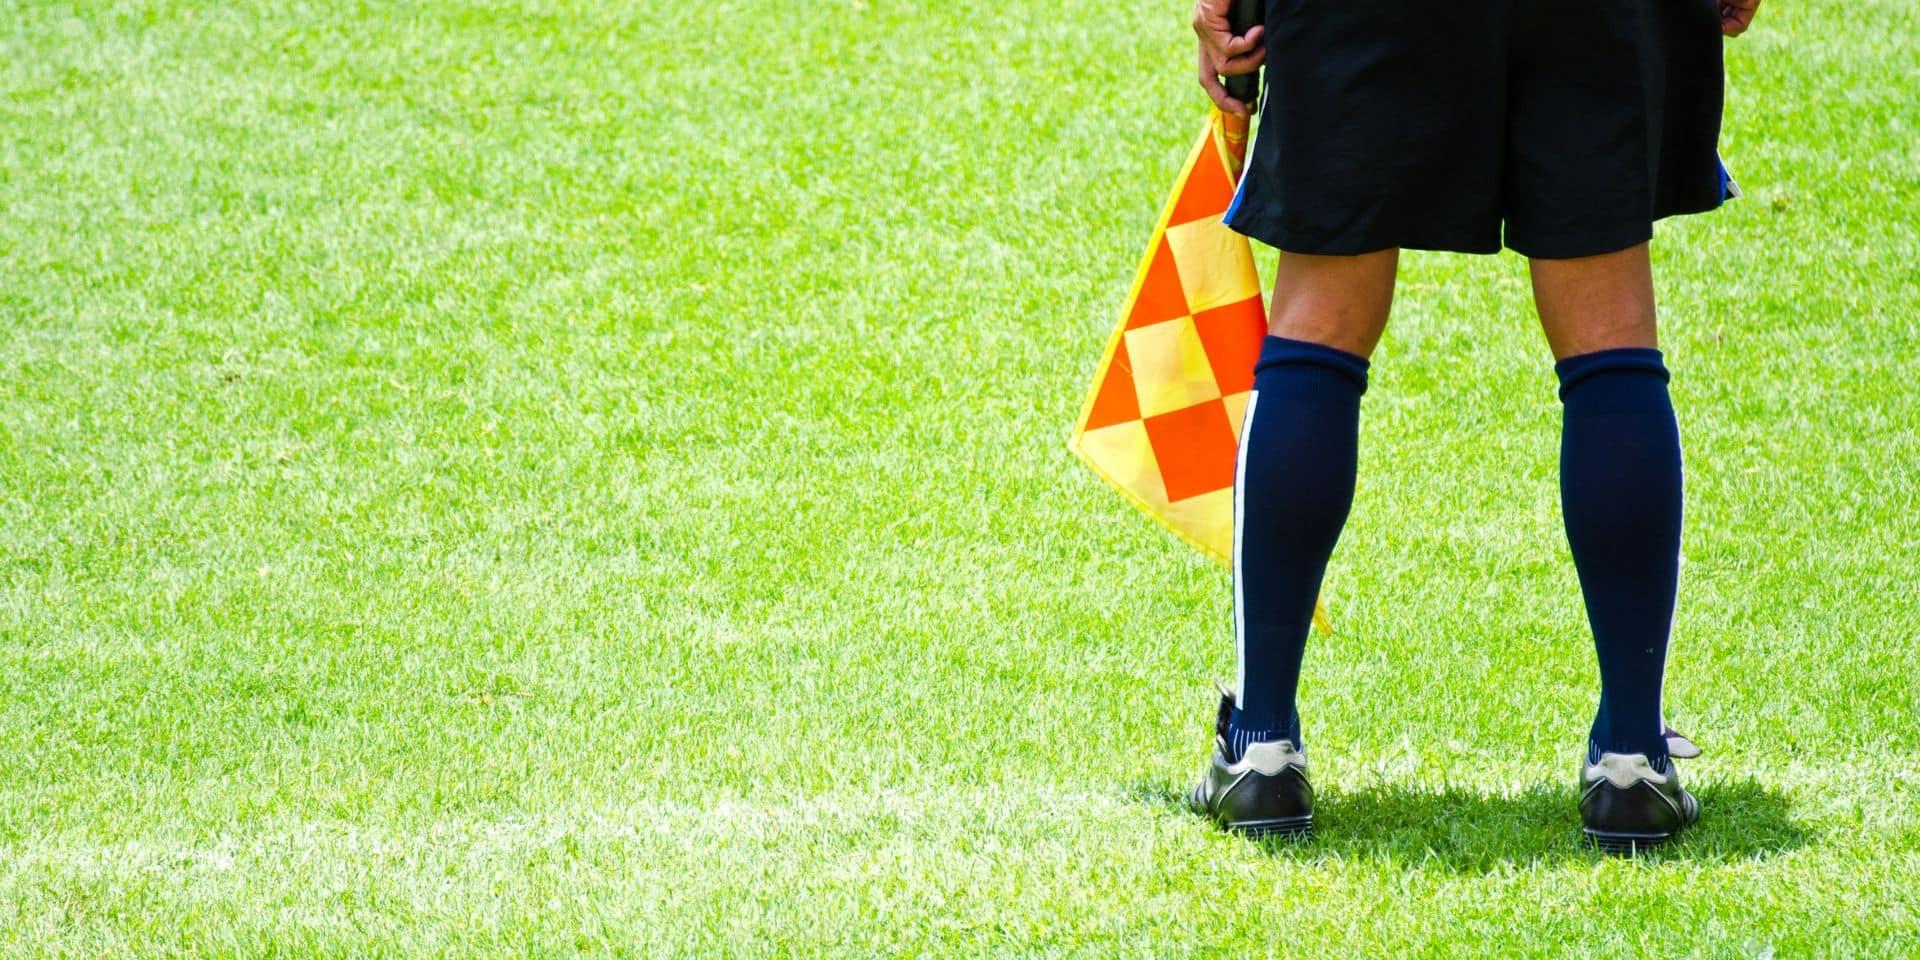 """Le difficile statut d'arbitre au sein du foot amateur: """"On m'a coursé après quatre cartons rouges"""", """"on m'a insulté devant ma mère"""""""